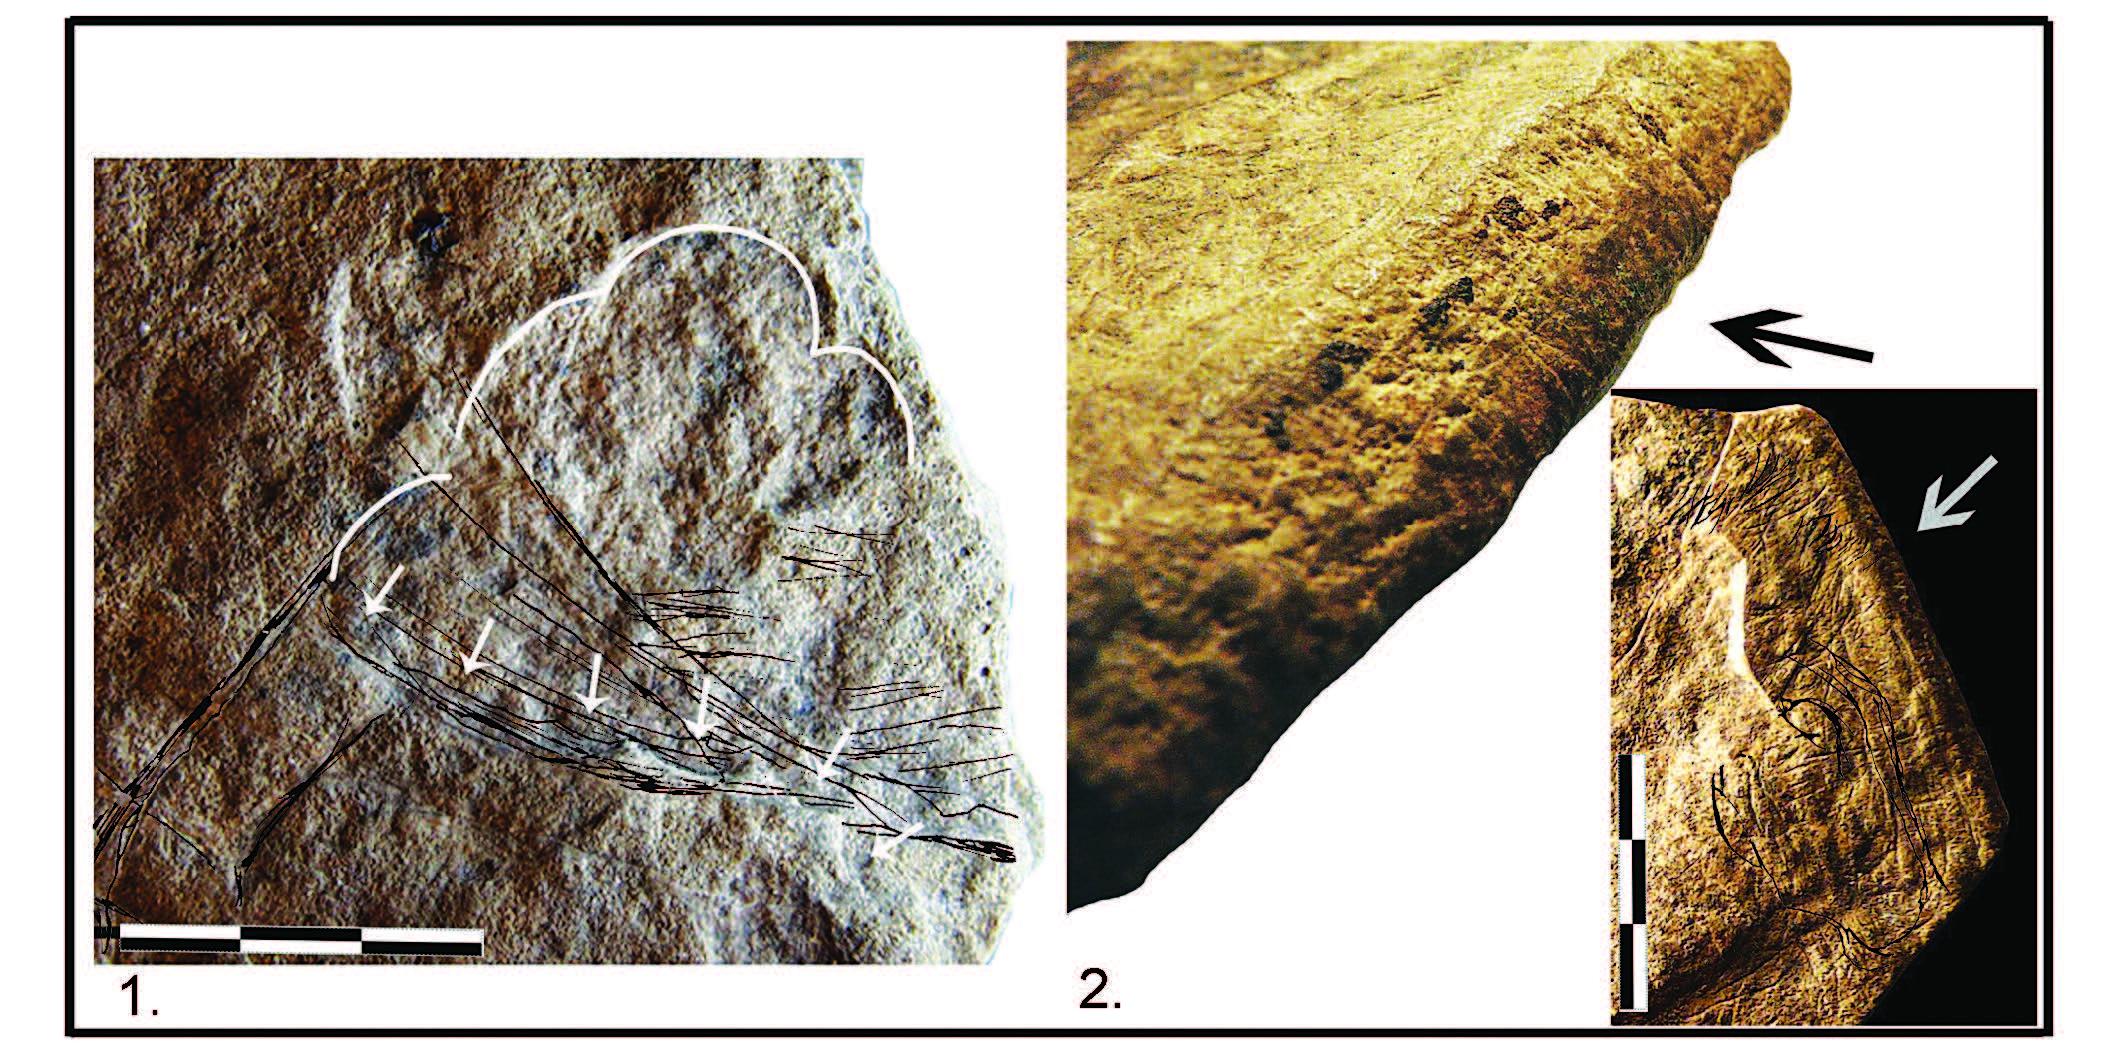 Datation de fossiles prélevés dans des grottes sur des îles le long